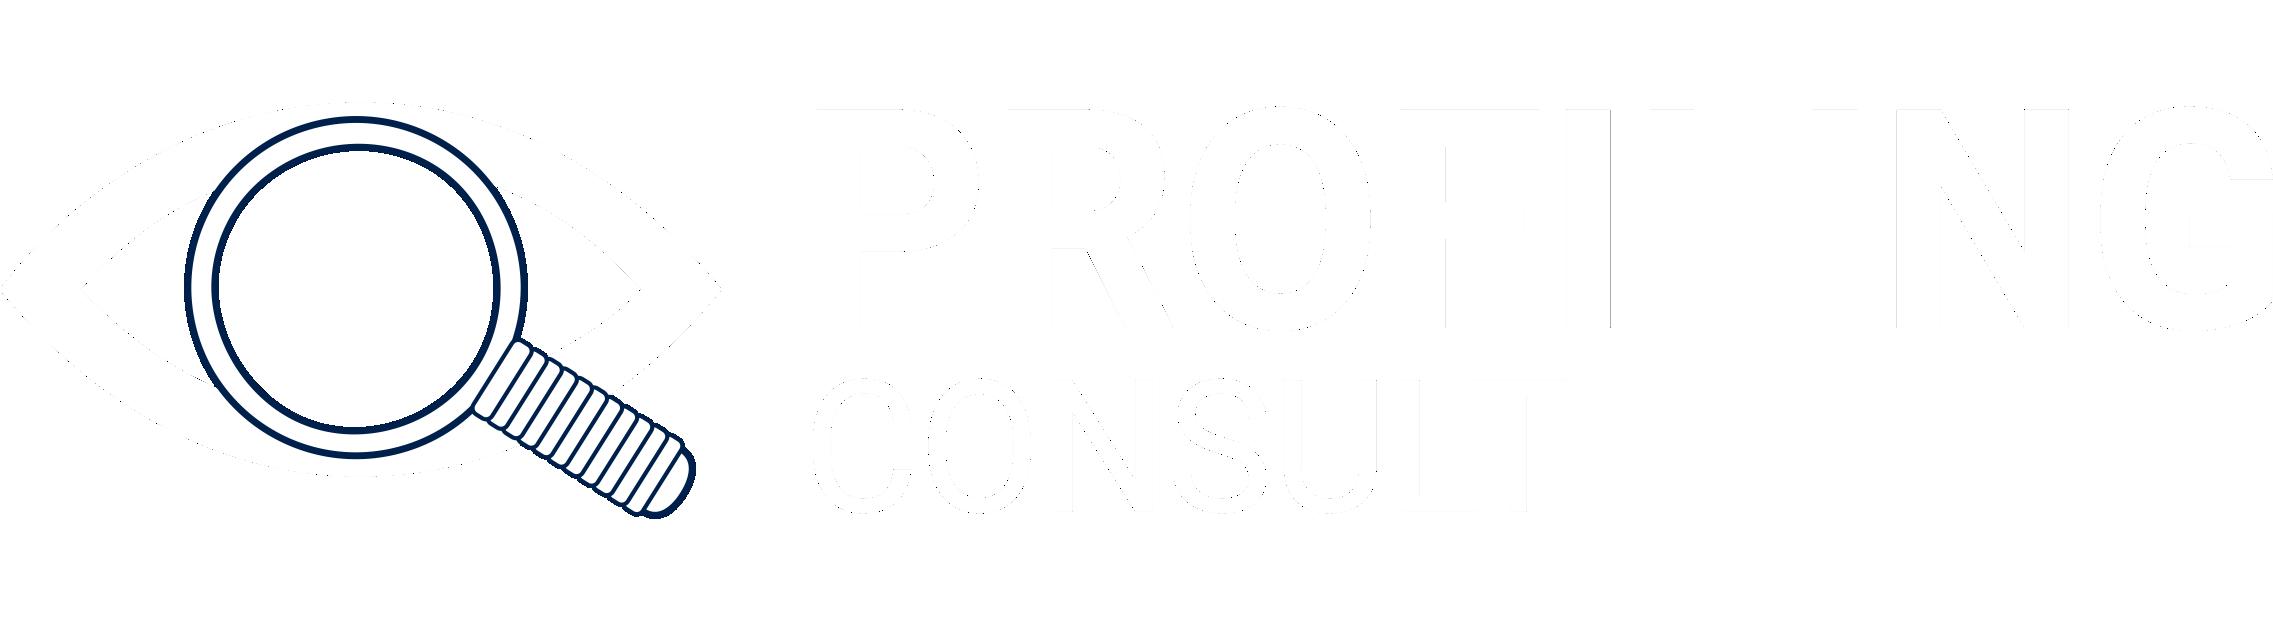 Profiling consult